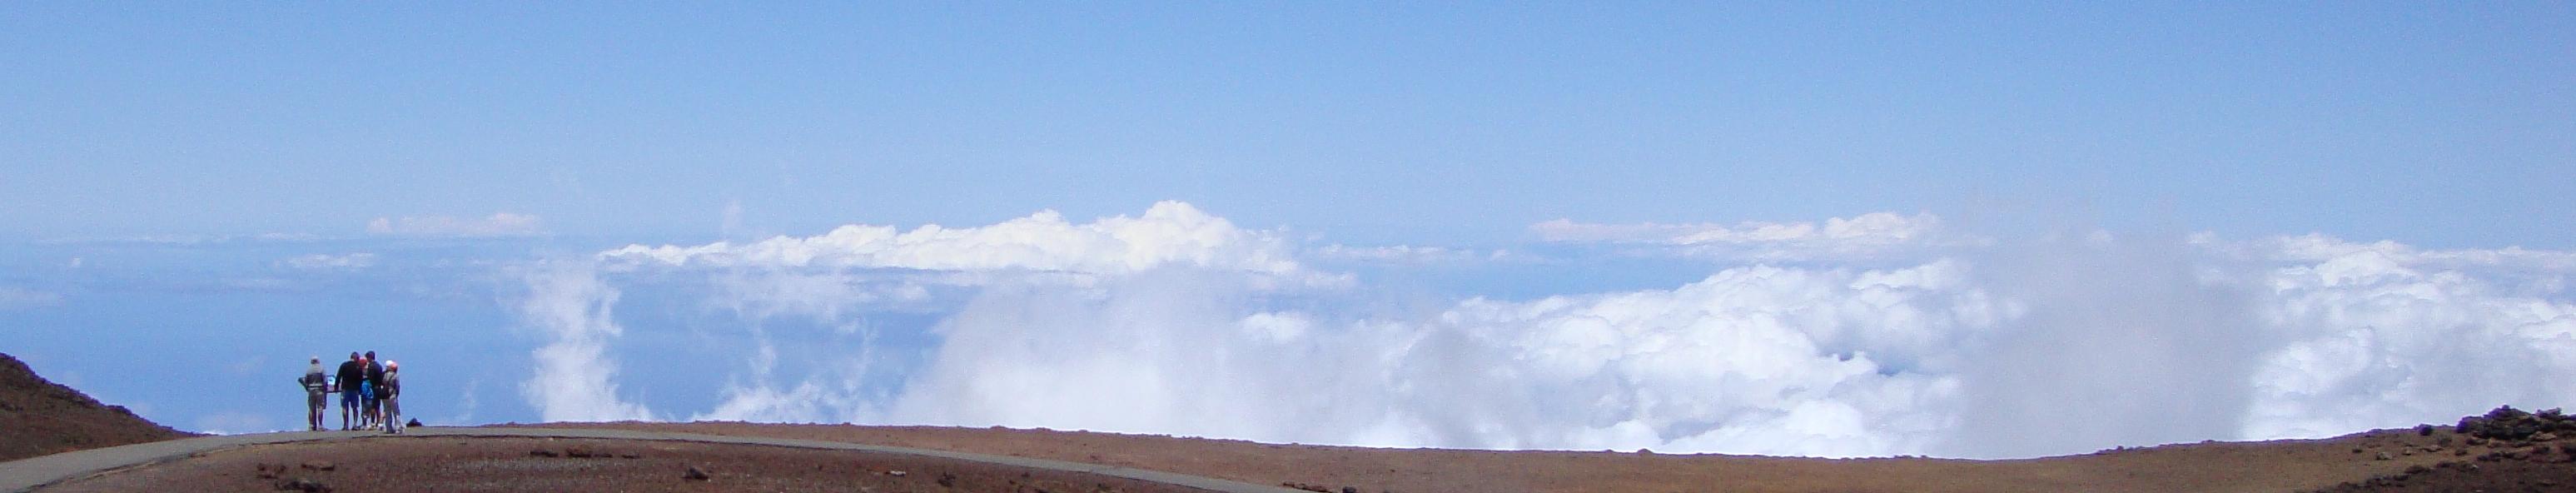 Mt. Haleakala - 2011 by ChemDiesel